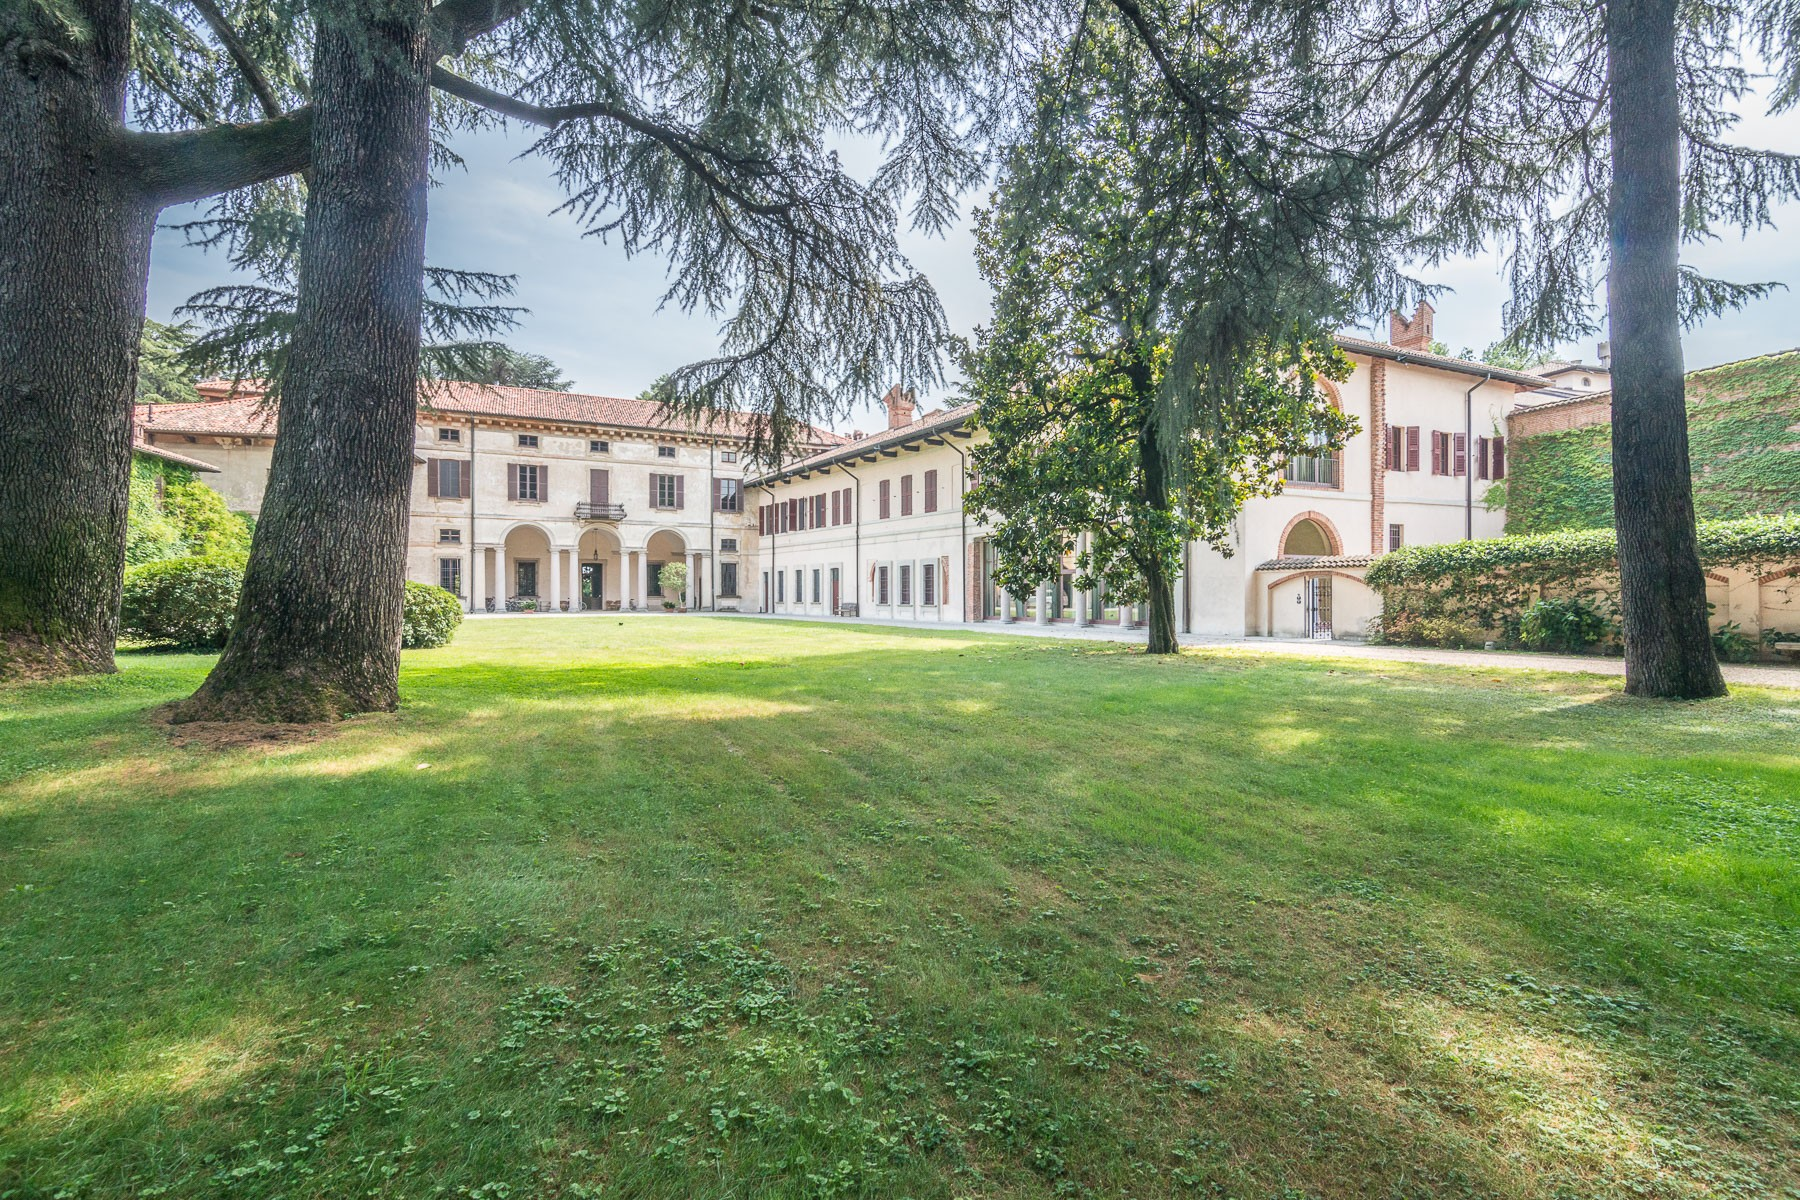 Villa in Vendita a Corbetta: 5 locali, 1500 mq - Foto 2